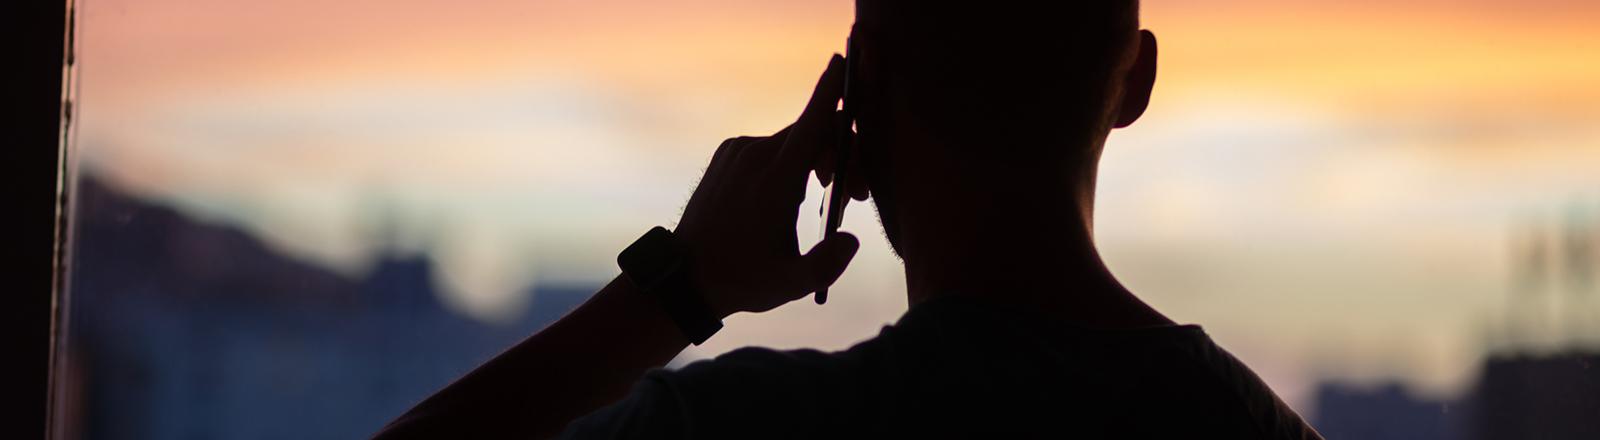 Ein Mann steht am offenen Fenster und telefoniert mit dem Handy; der Abendhimmel ist rot-blau gefärbt.